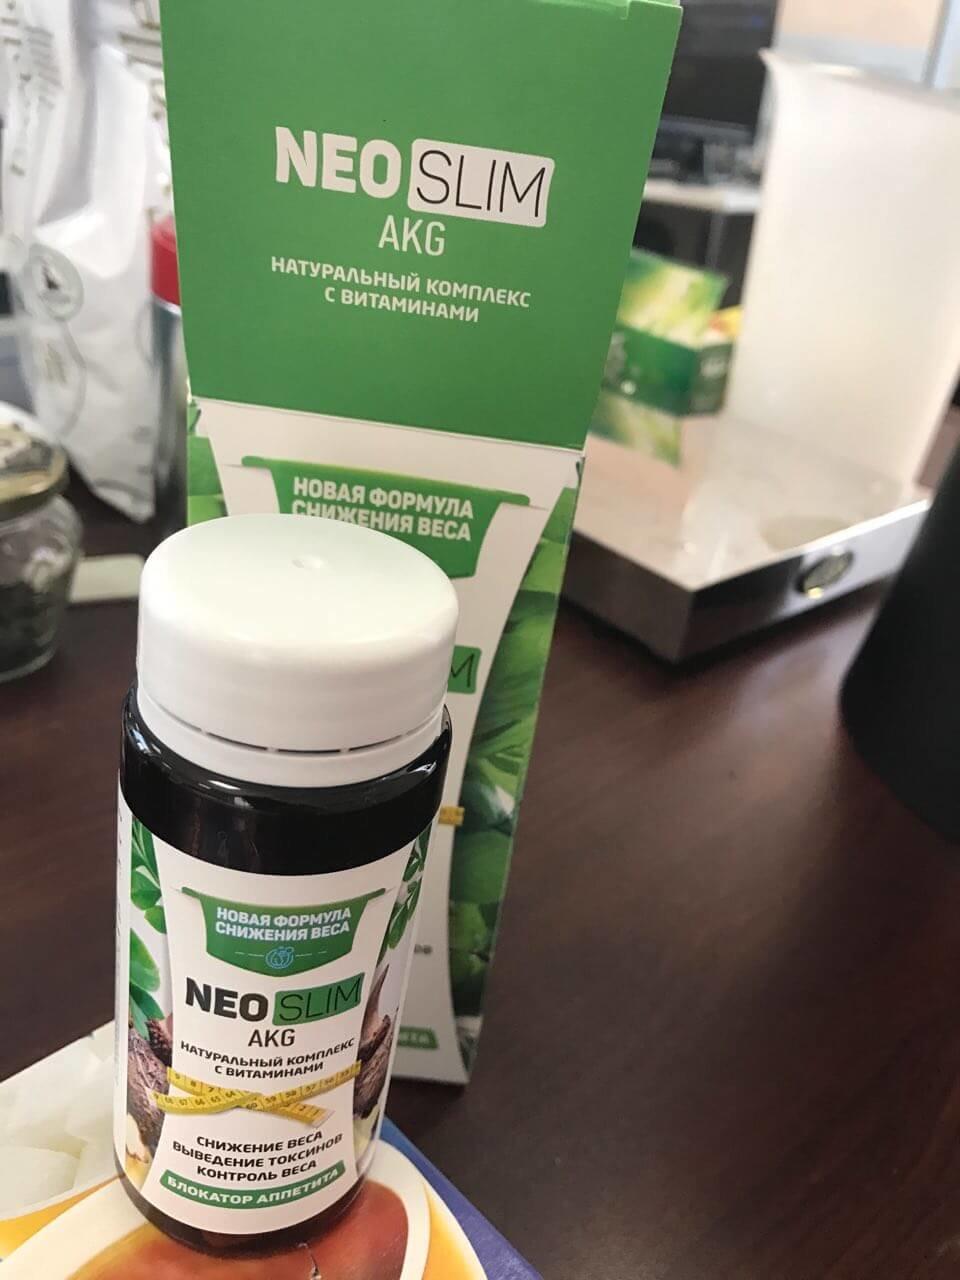 Neo Slim AKG для похудения в Кирсе